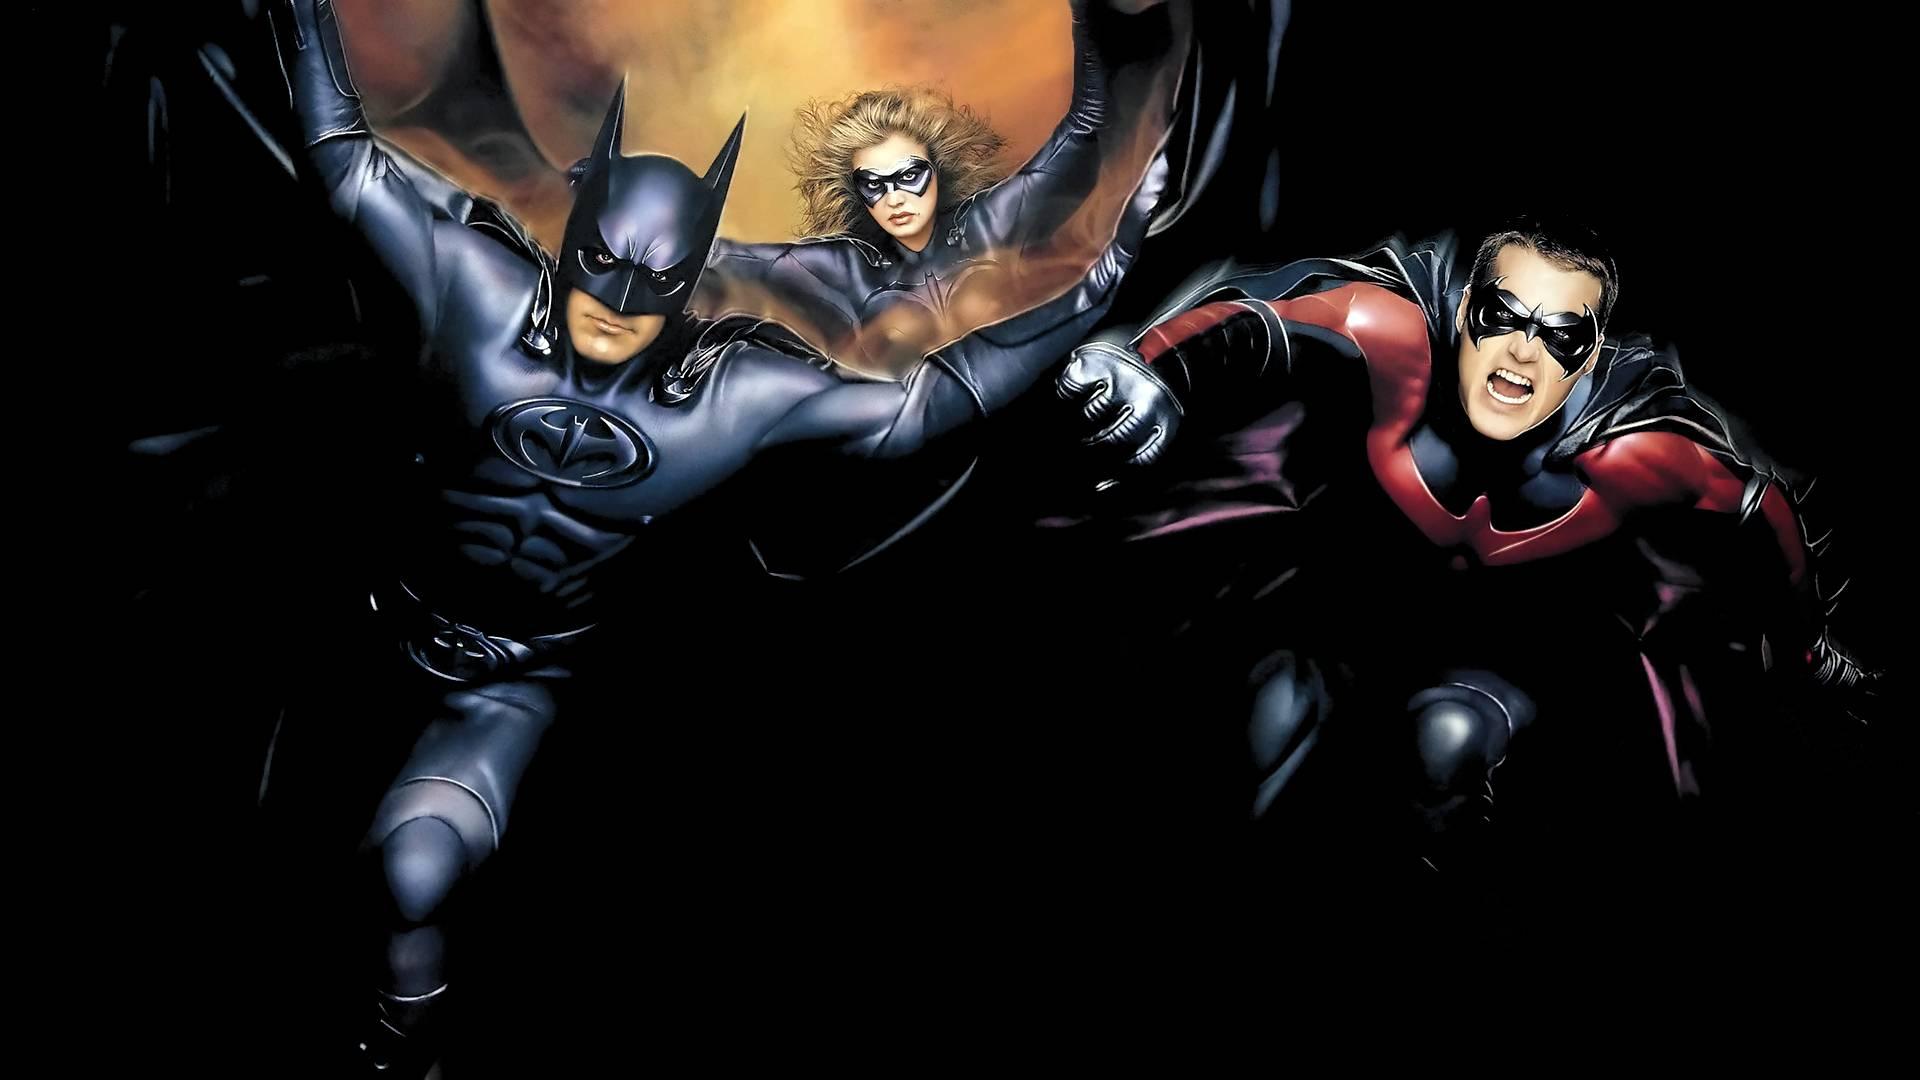 Batman Robin Wallpaper Wallpaper for Batman Robin Batman 1920x1080